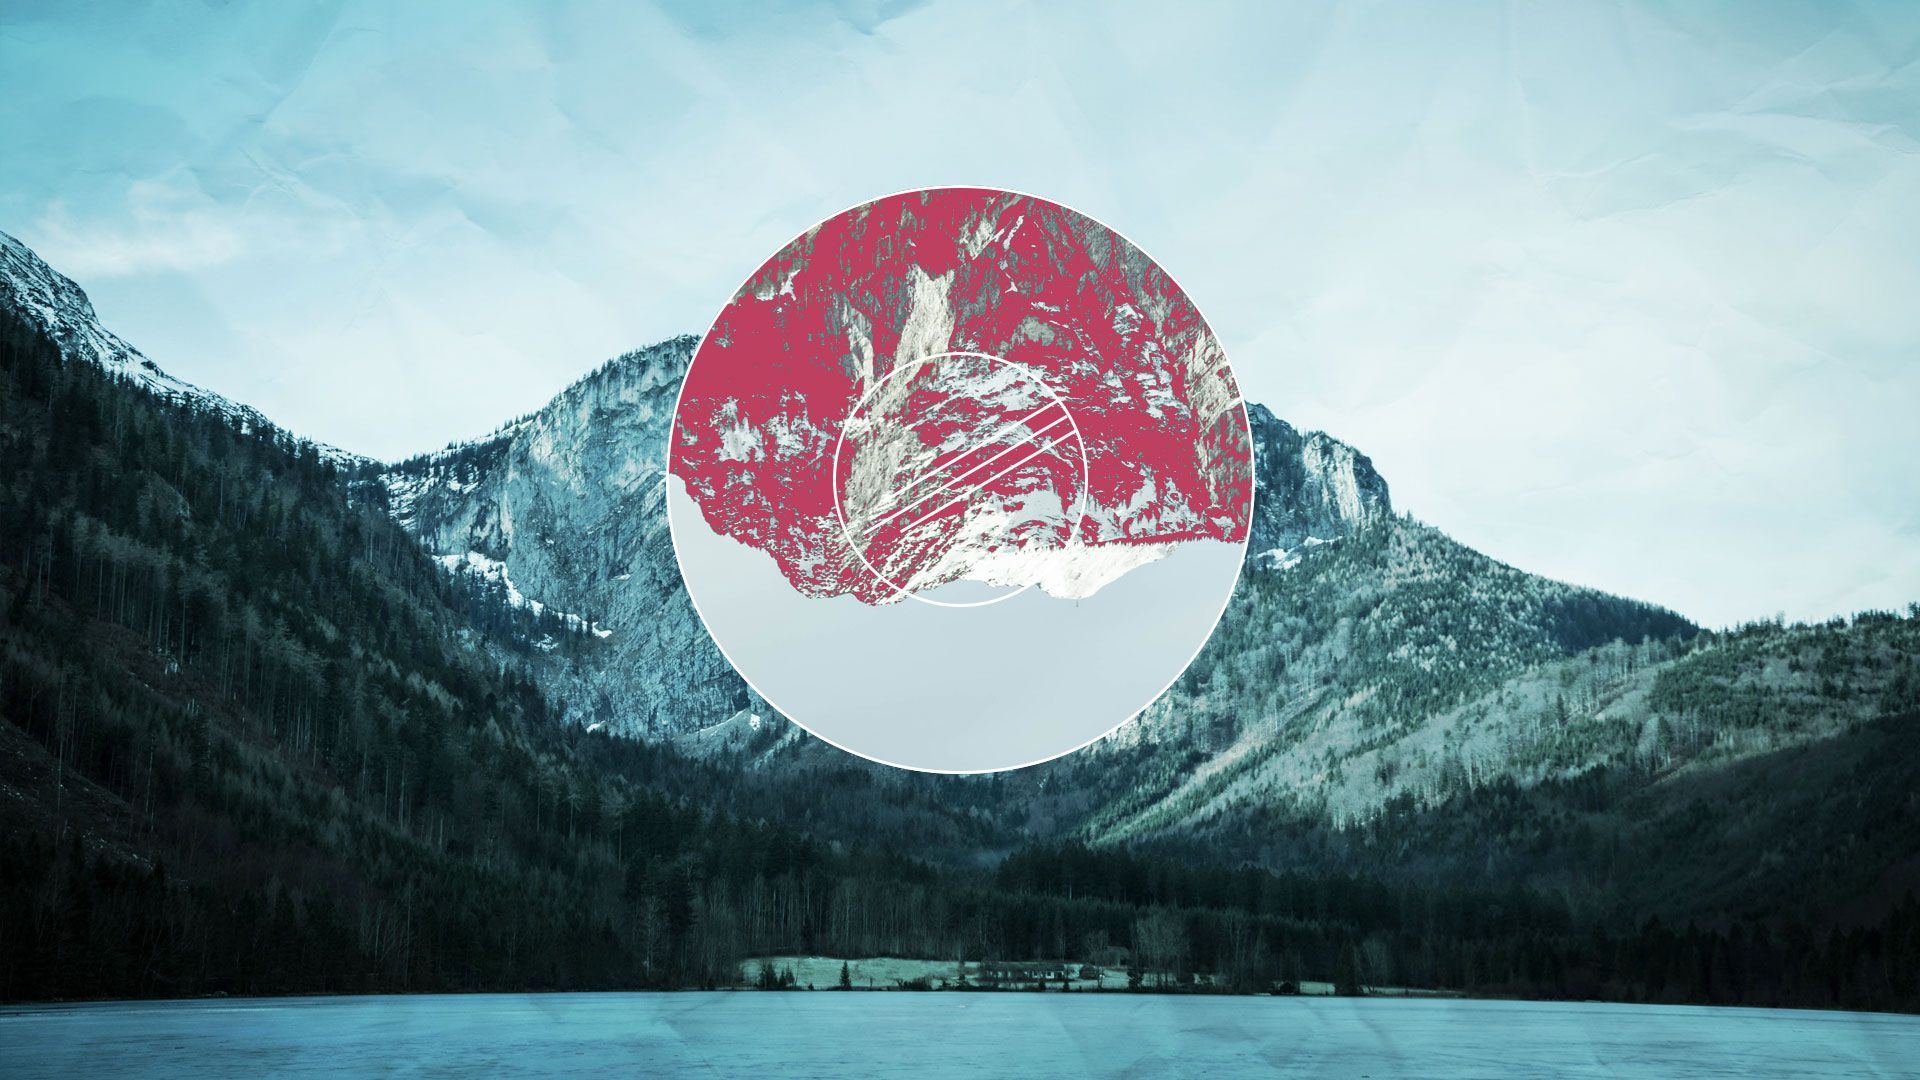 Most Inspiring Wallpaper Mountain Hipster - e6f6edd4c7c551ef552af33ff54c1af5  You Should Have_773425.jpg